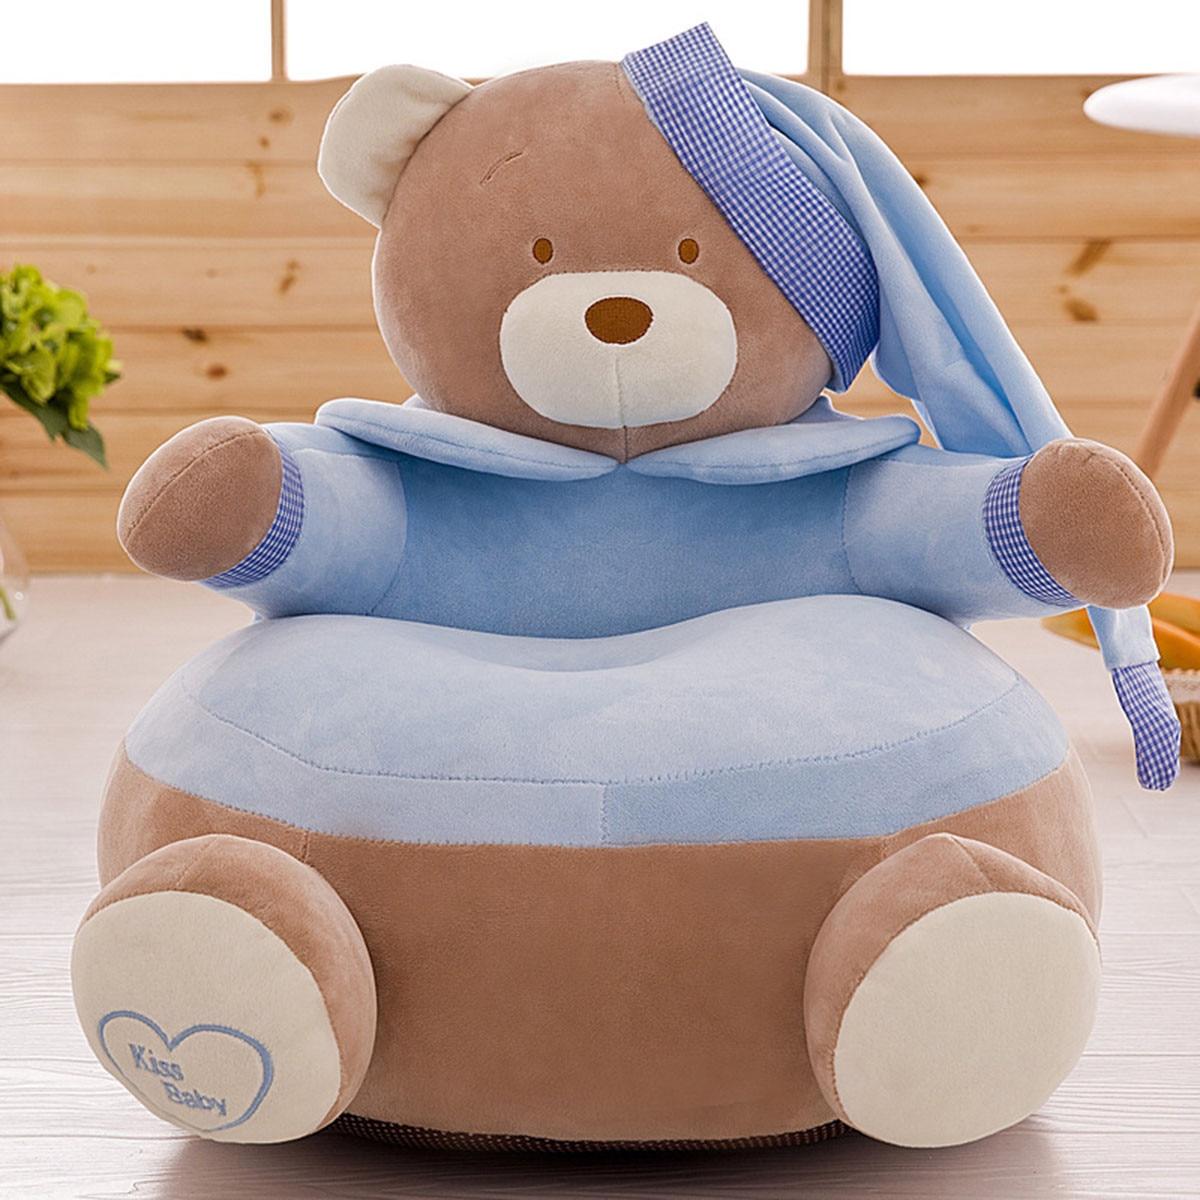 Infantil Assentos Sofá de Pele Macia Do Bebê de Pelúcia Crianças Cadeira do Saco de Feijão Cadeiras de Conforto de Pelúcia Urso Dos Desenhos Animados Lavável Apenas Cobrir NENHUM enchimento